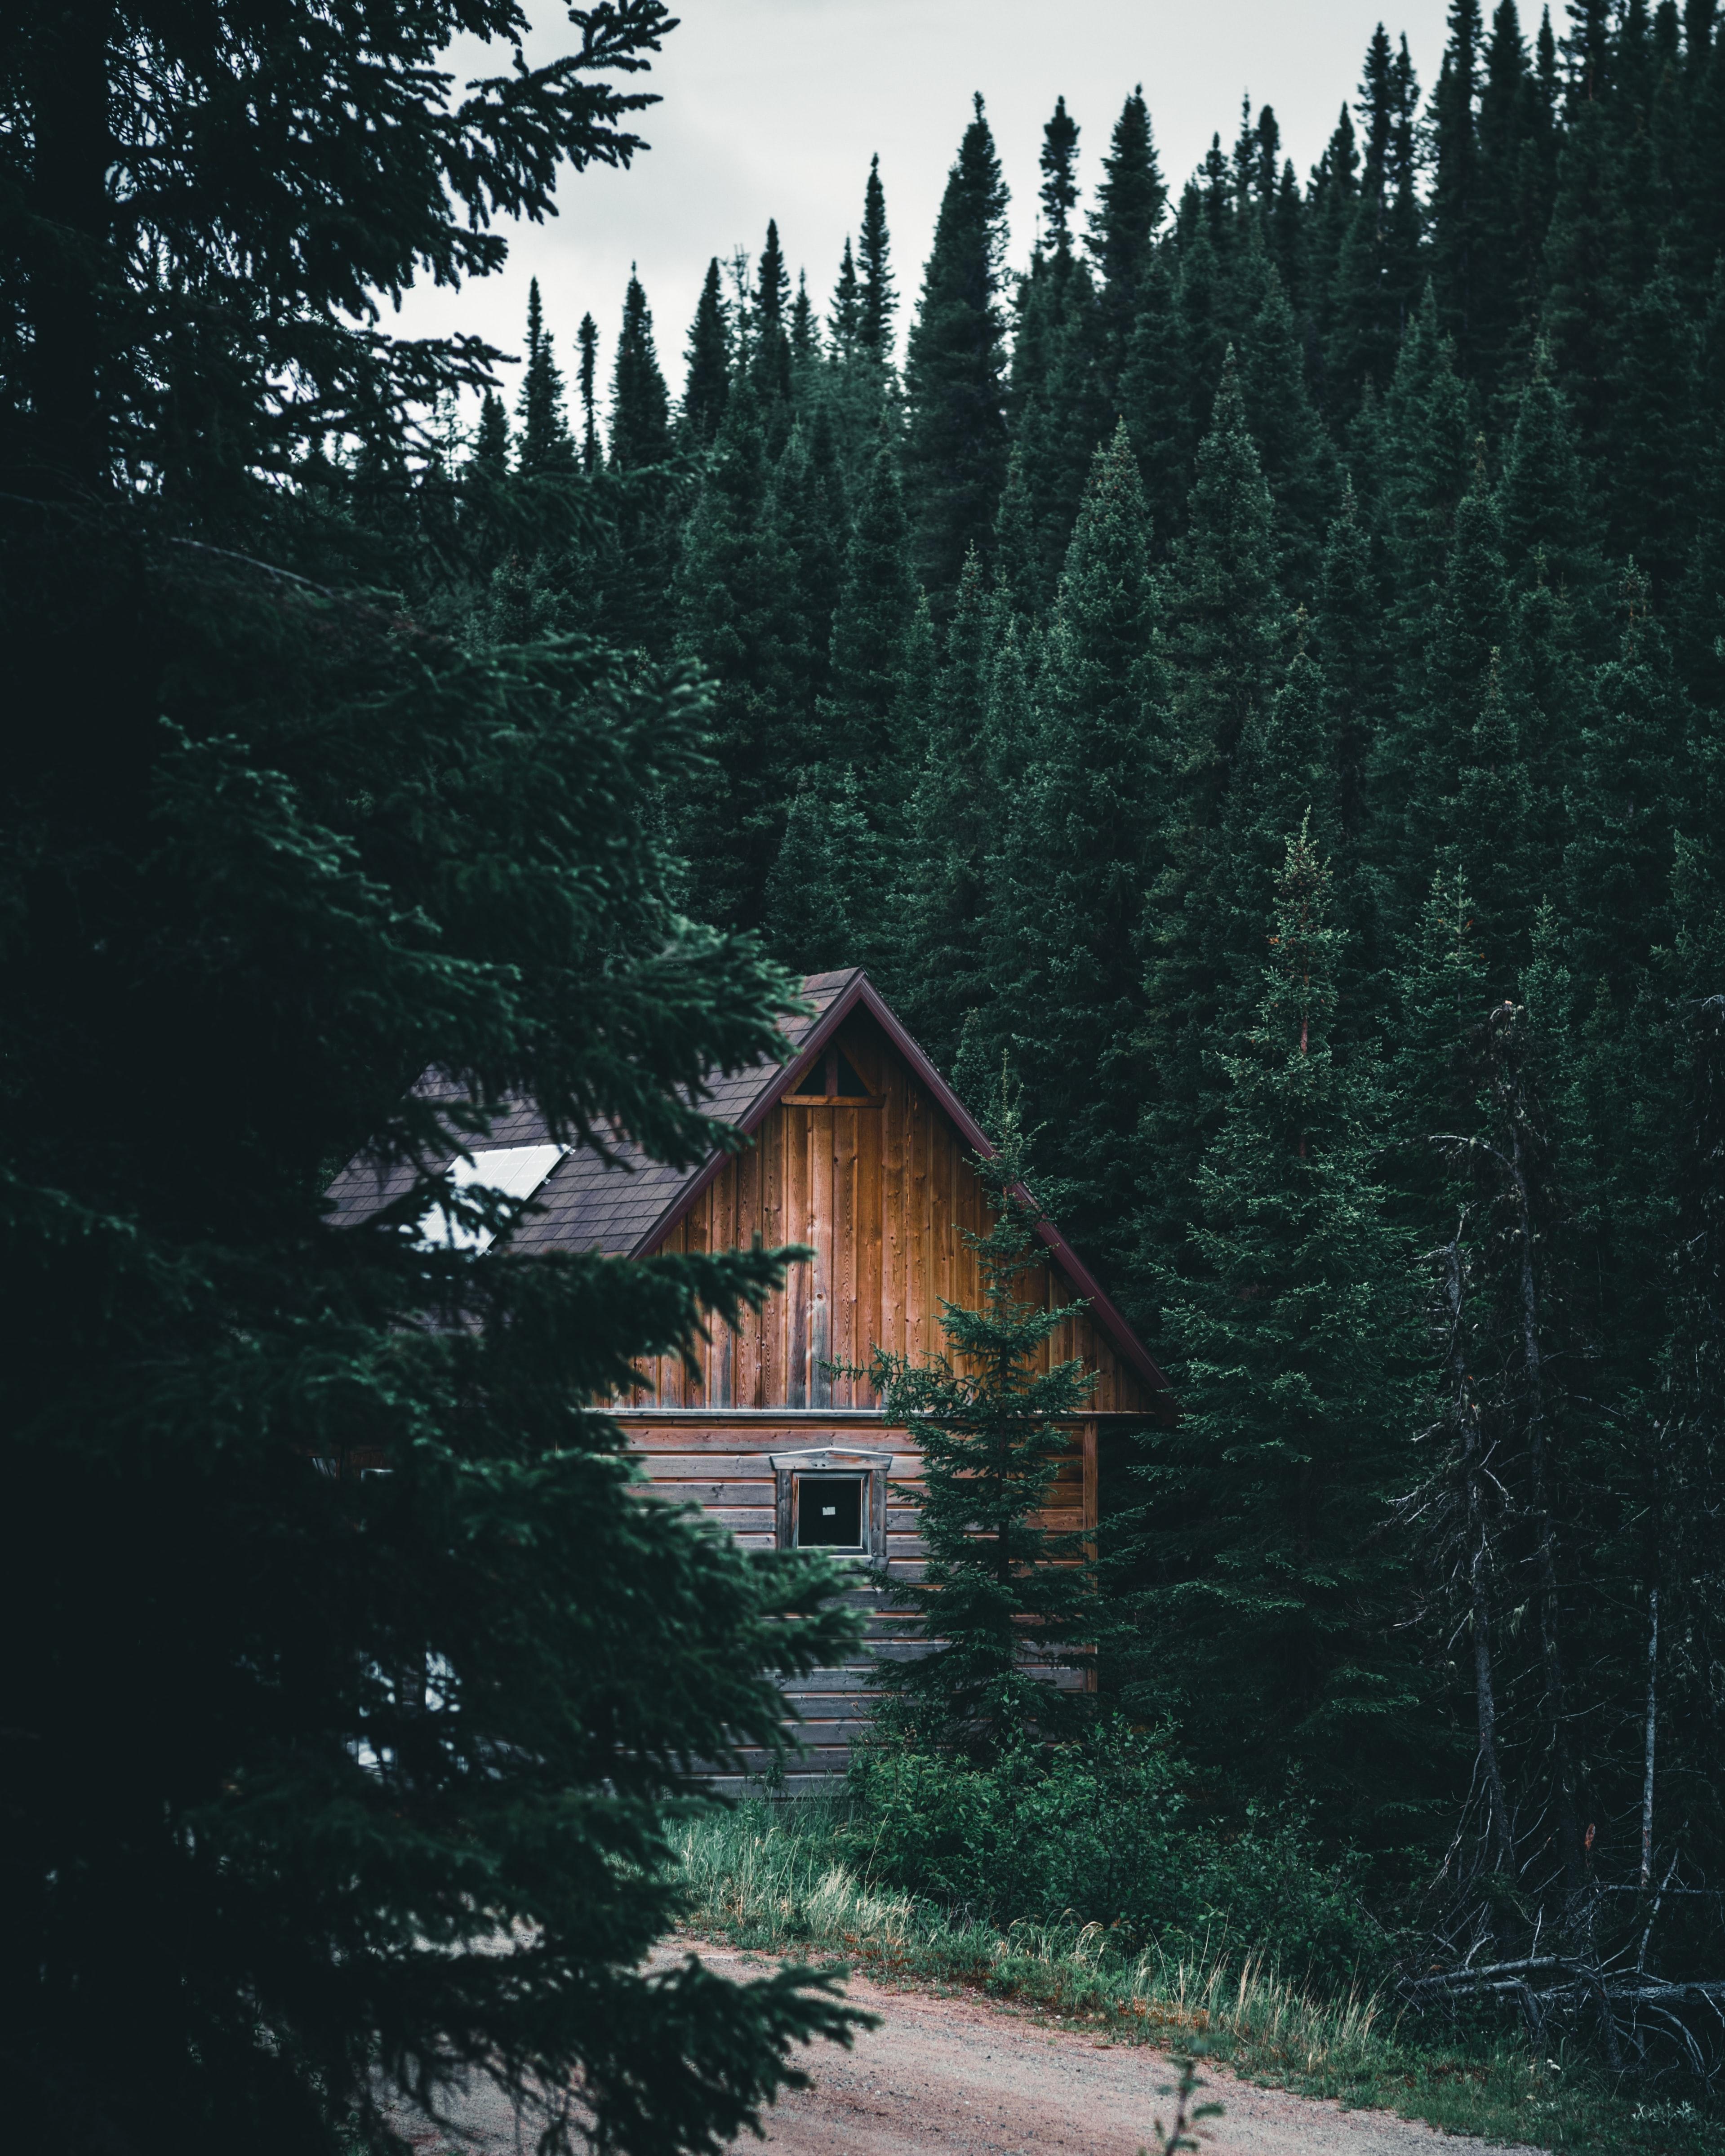 104703 скачать обои Лес, Природа, Ветки, Дом, Ель, Хижина - заставки и картинки бесплатно